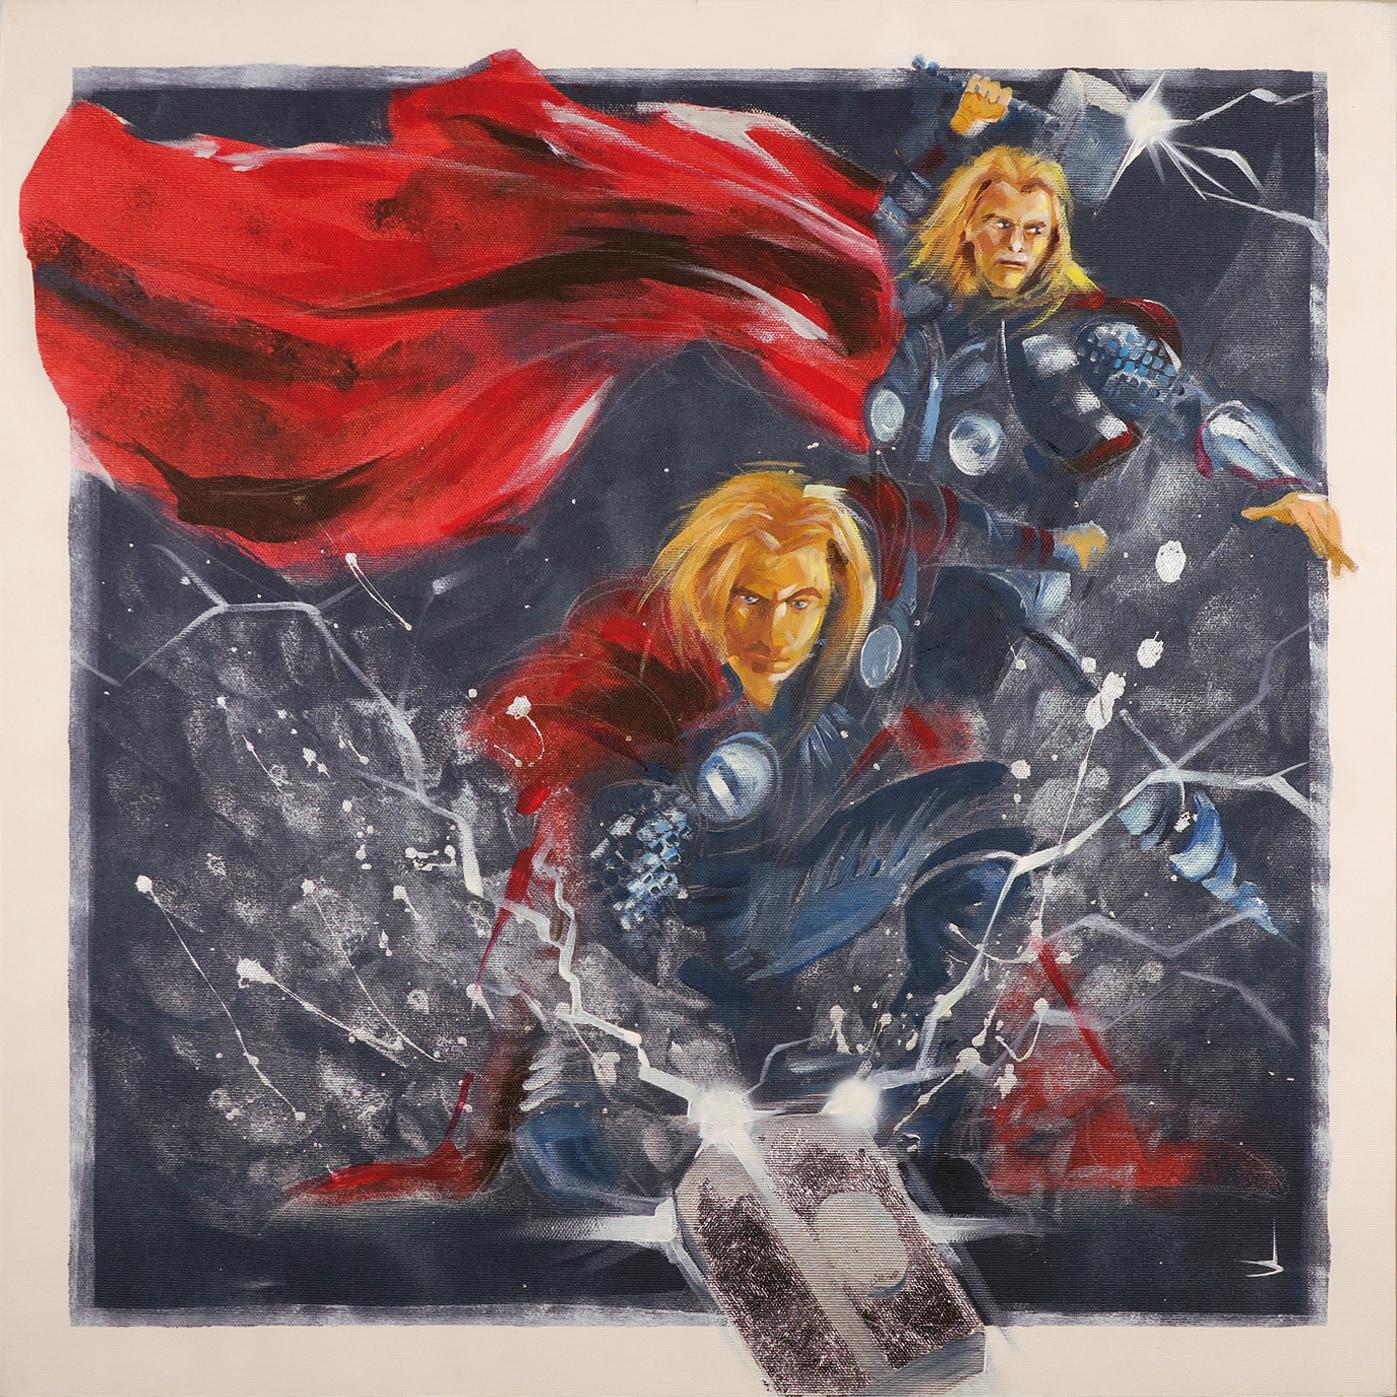 SH_Thor_60x60_Acrylic_On_Canvas